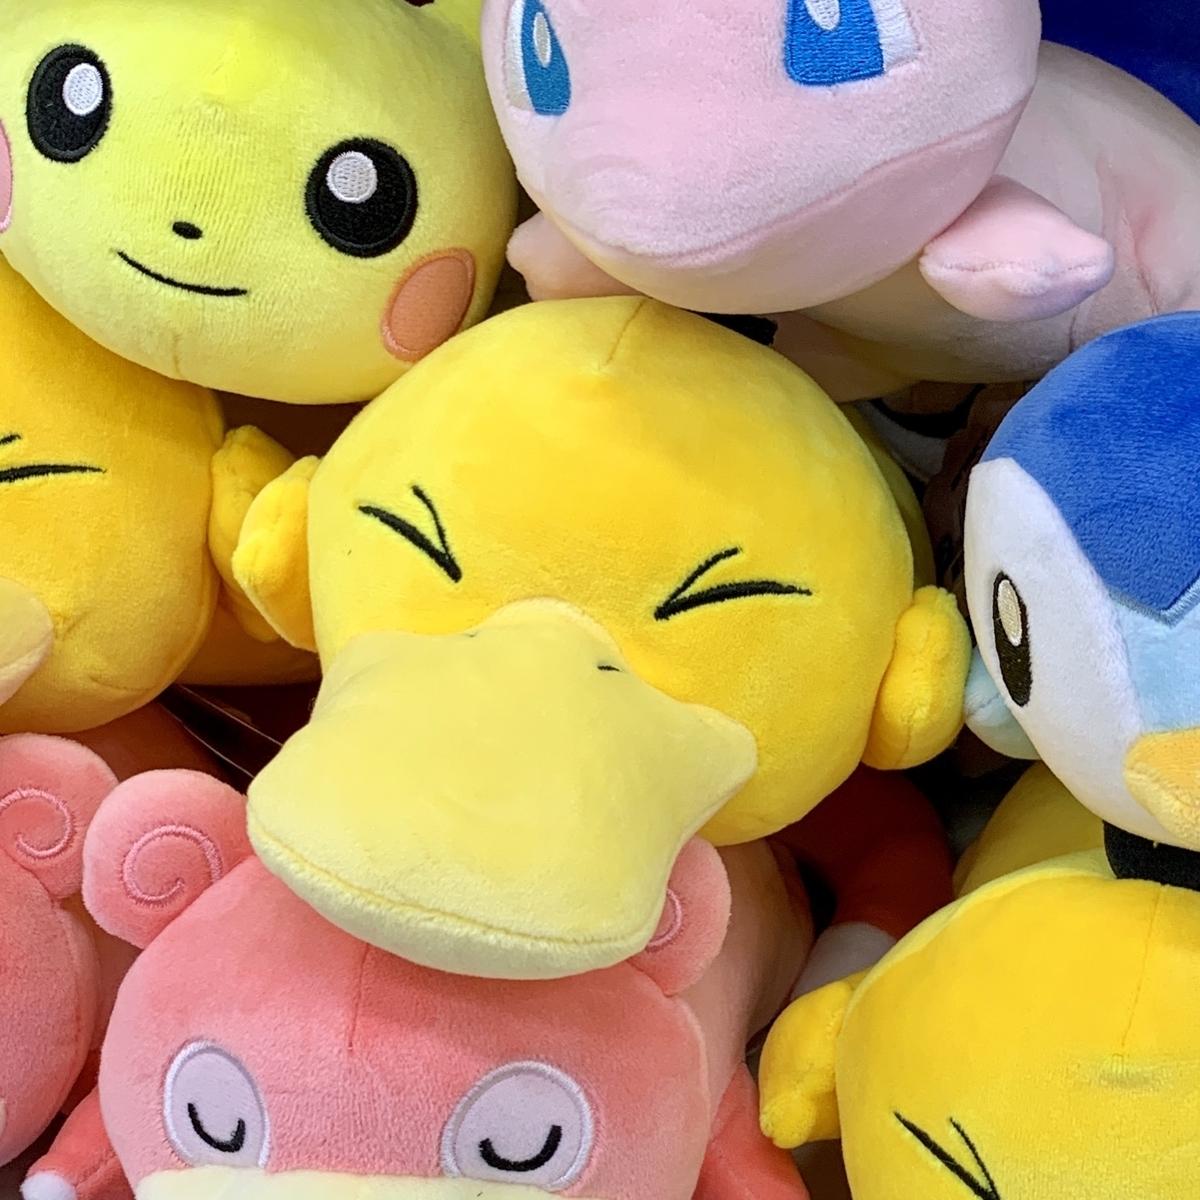 f:id:pikachu_pcn:20200928193018j:plain